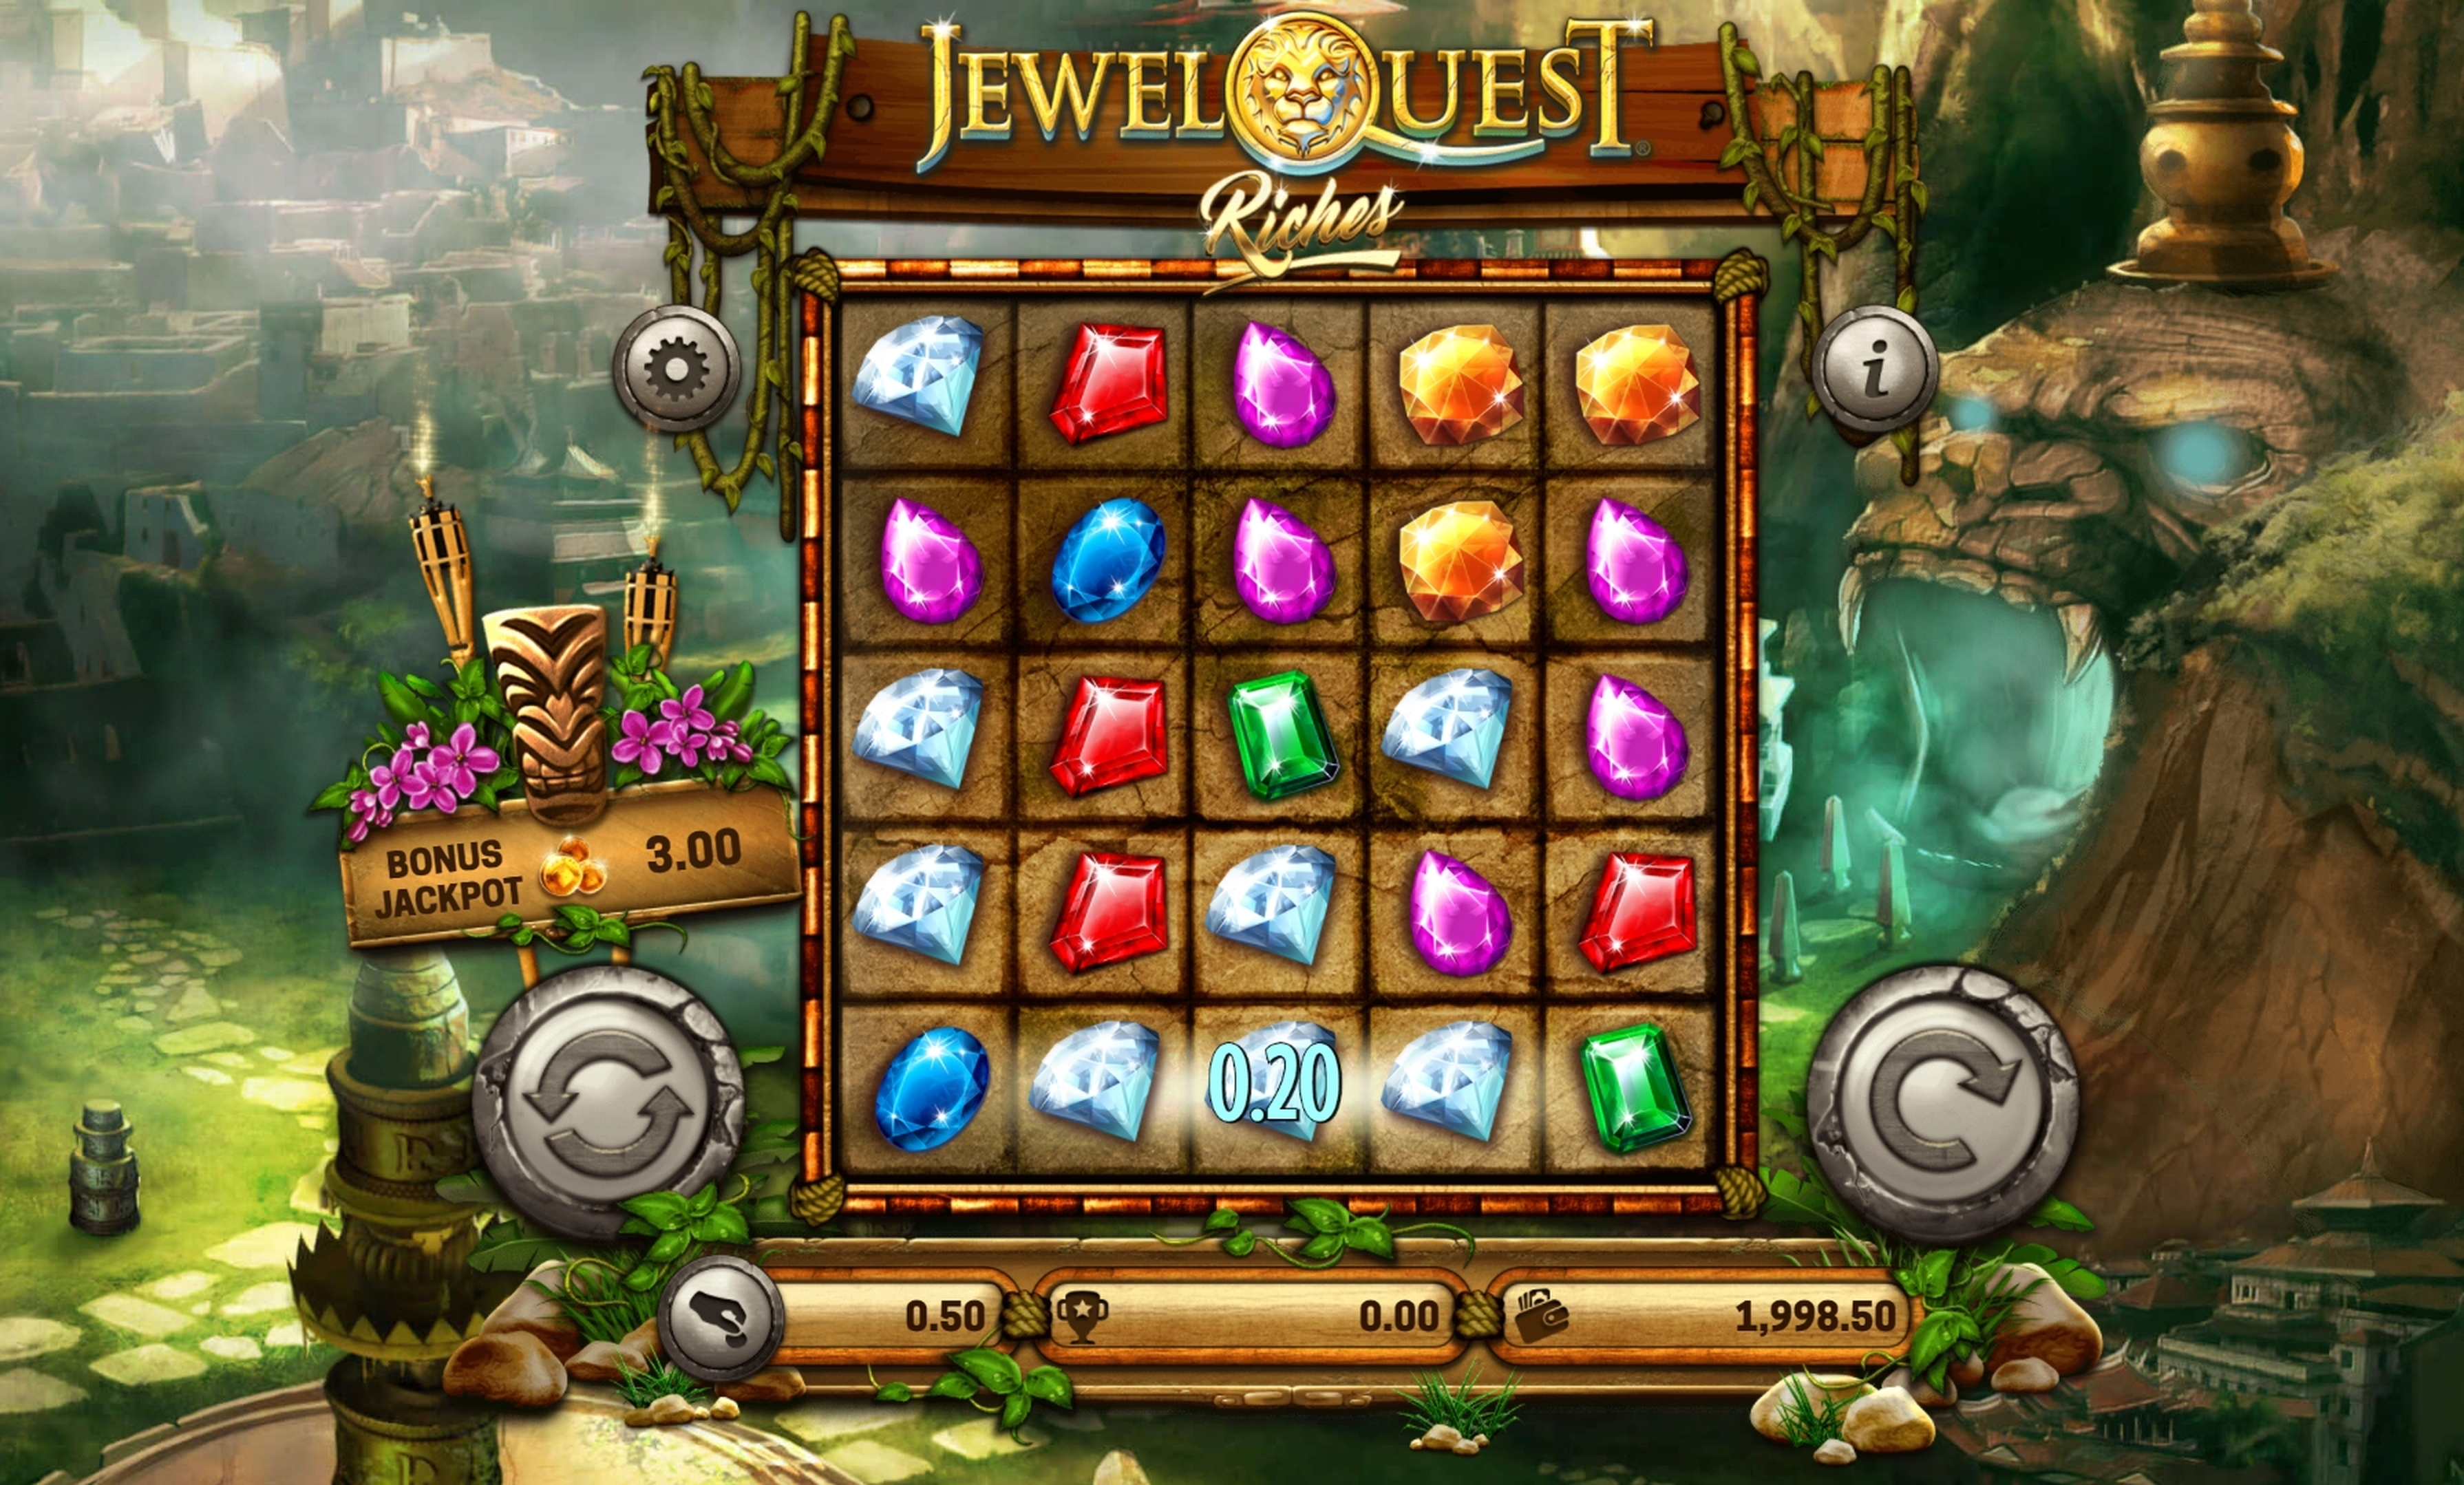 Jewel Quest Riches Slot Machine